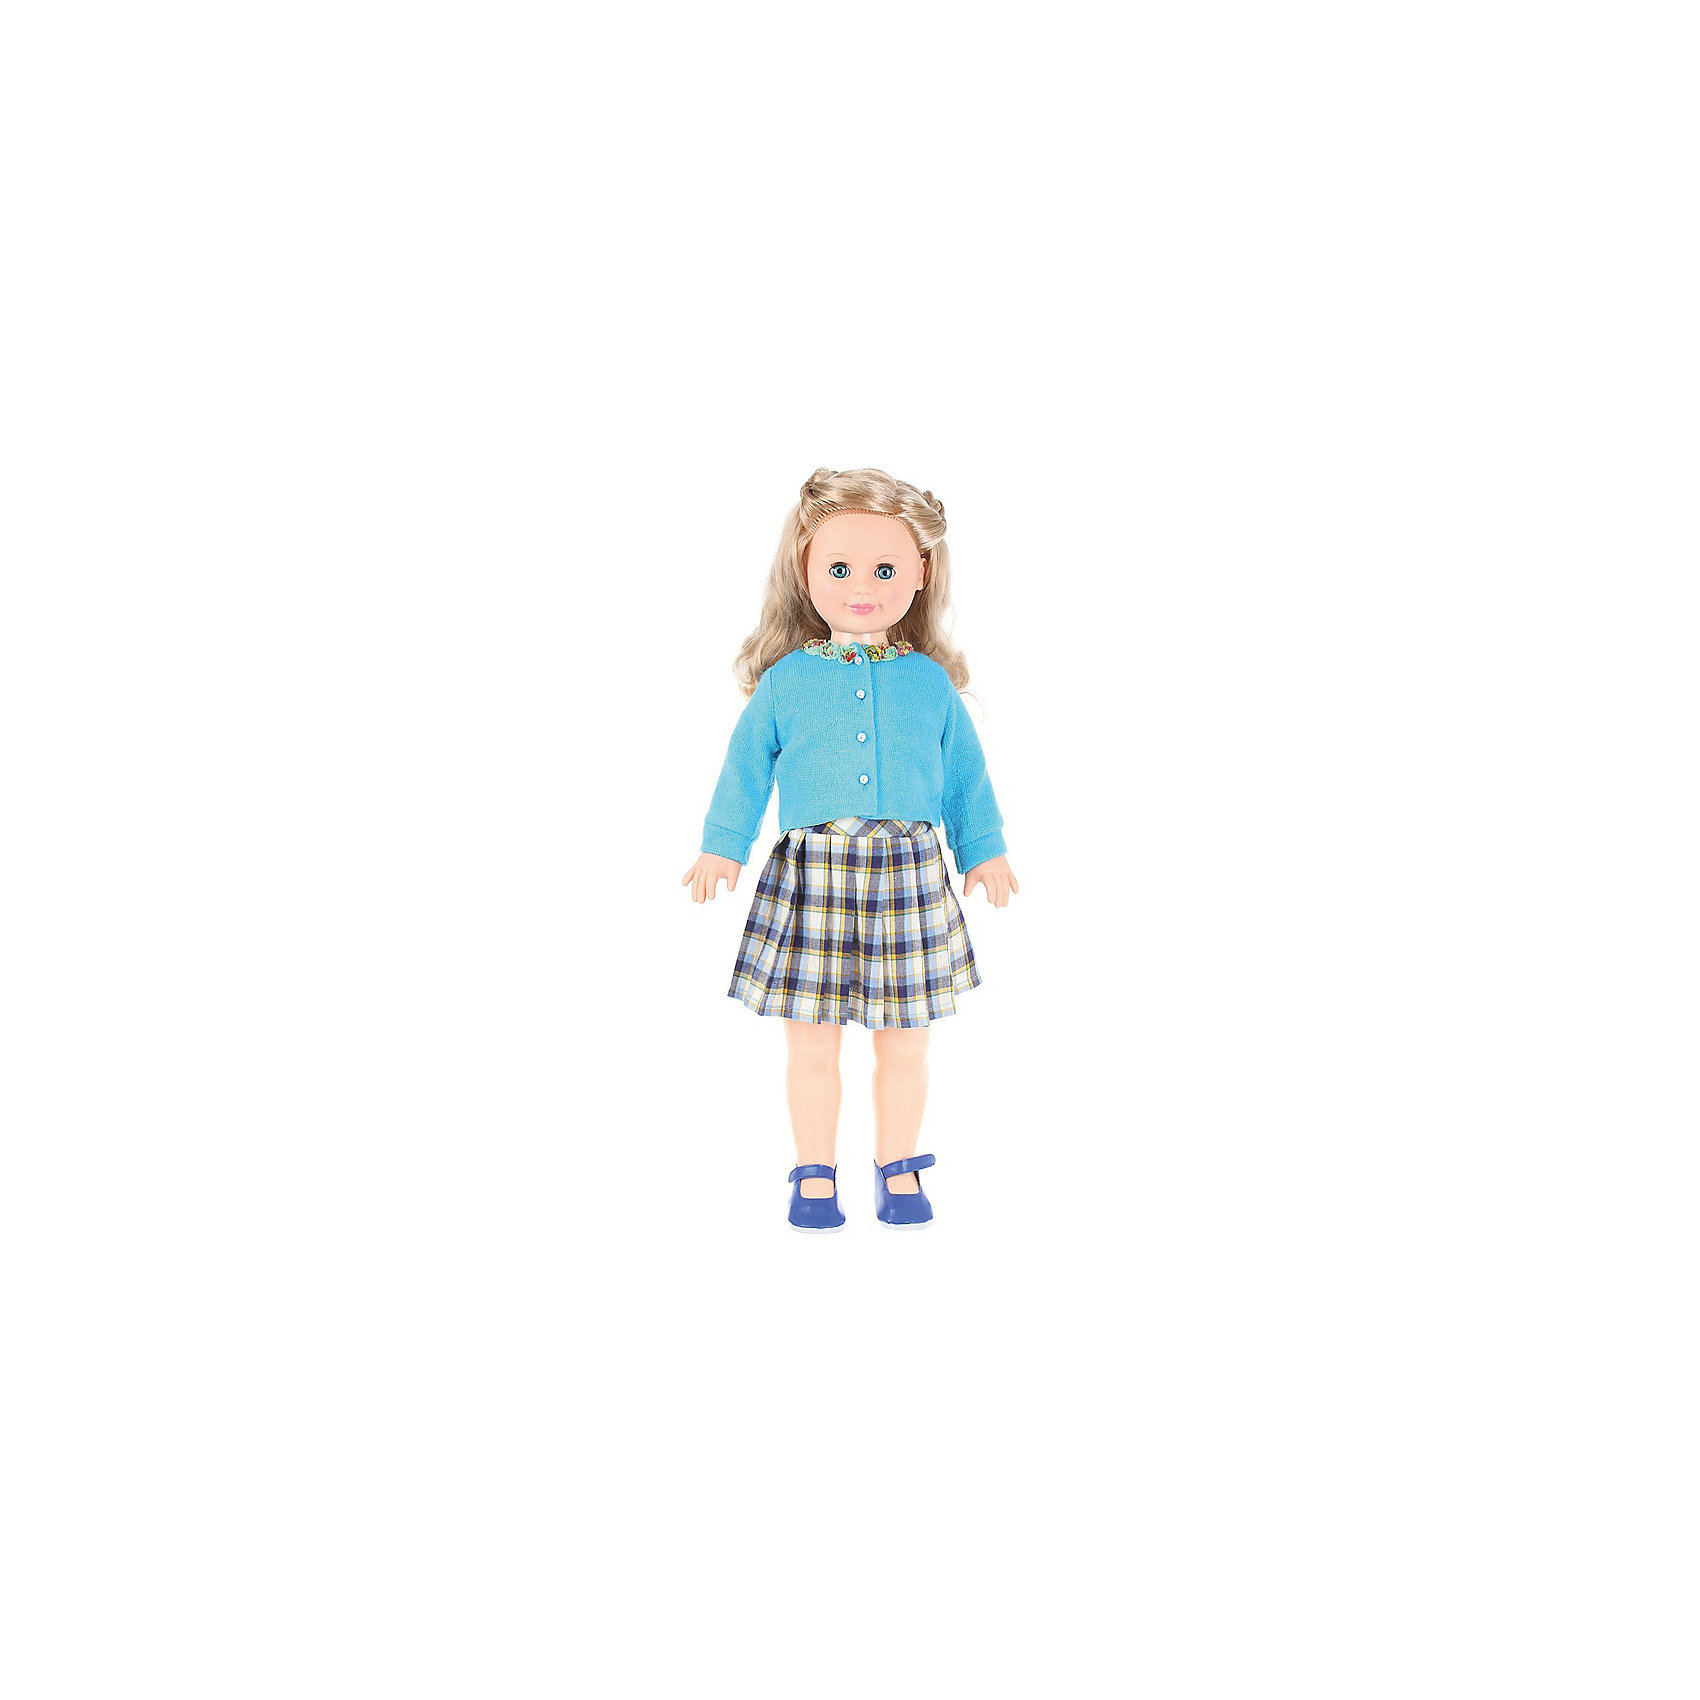 Весна Кукла Милана 22, со звуком, 70 см, Весна кукла весна алсу 35 см со звуком в1634 о